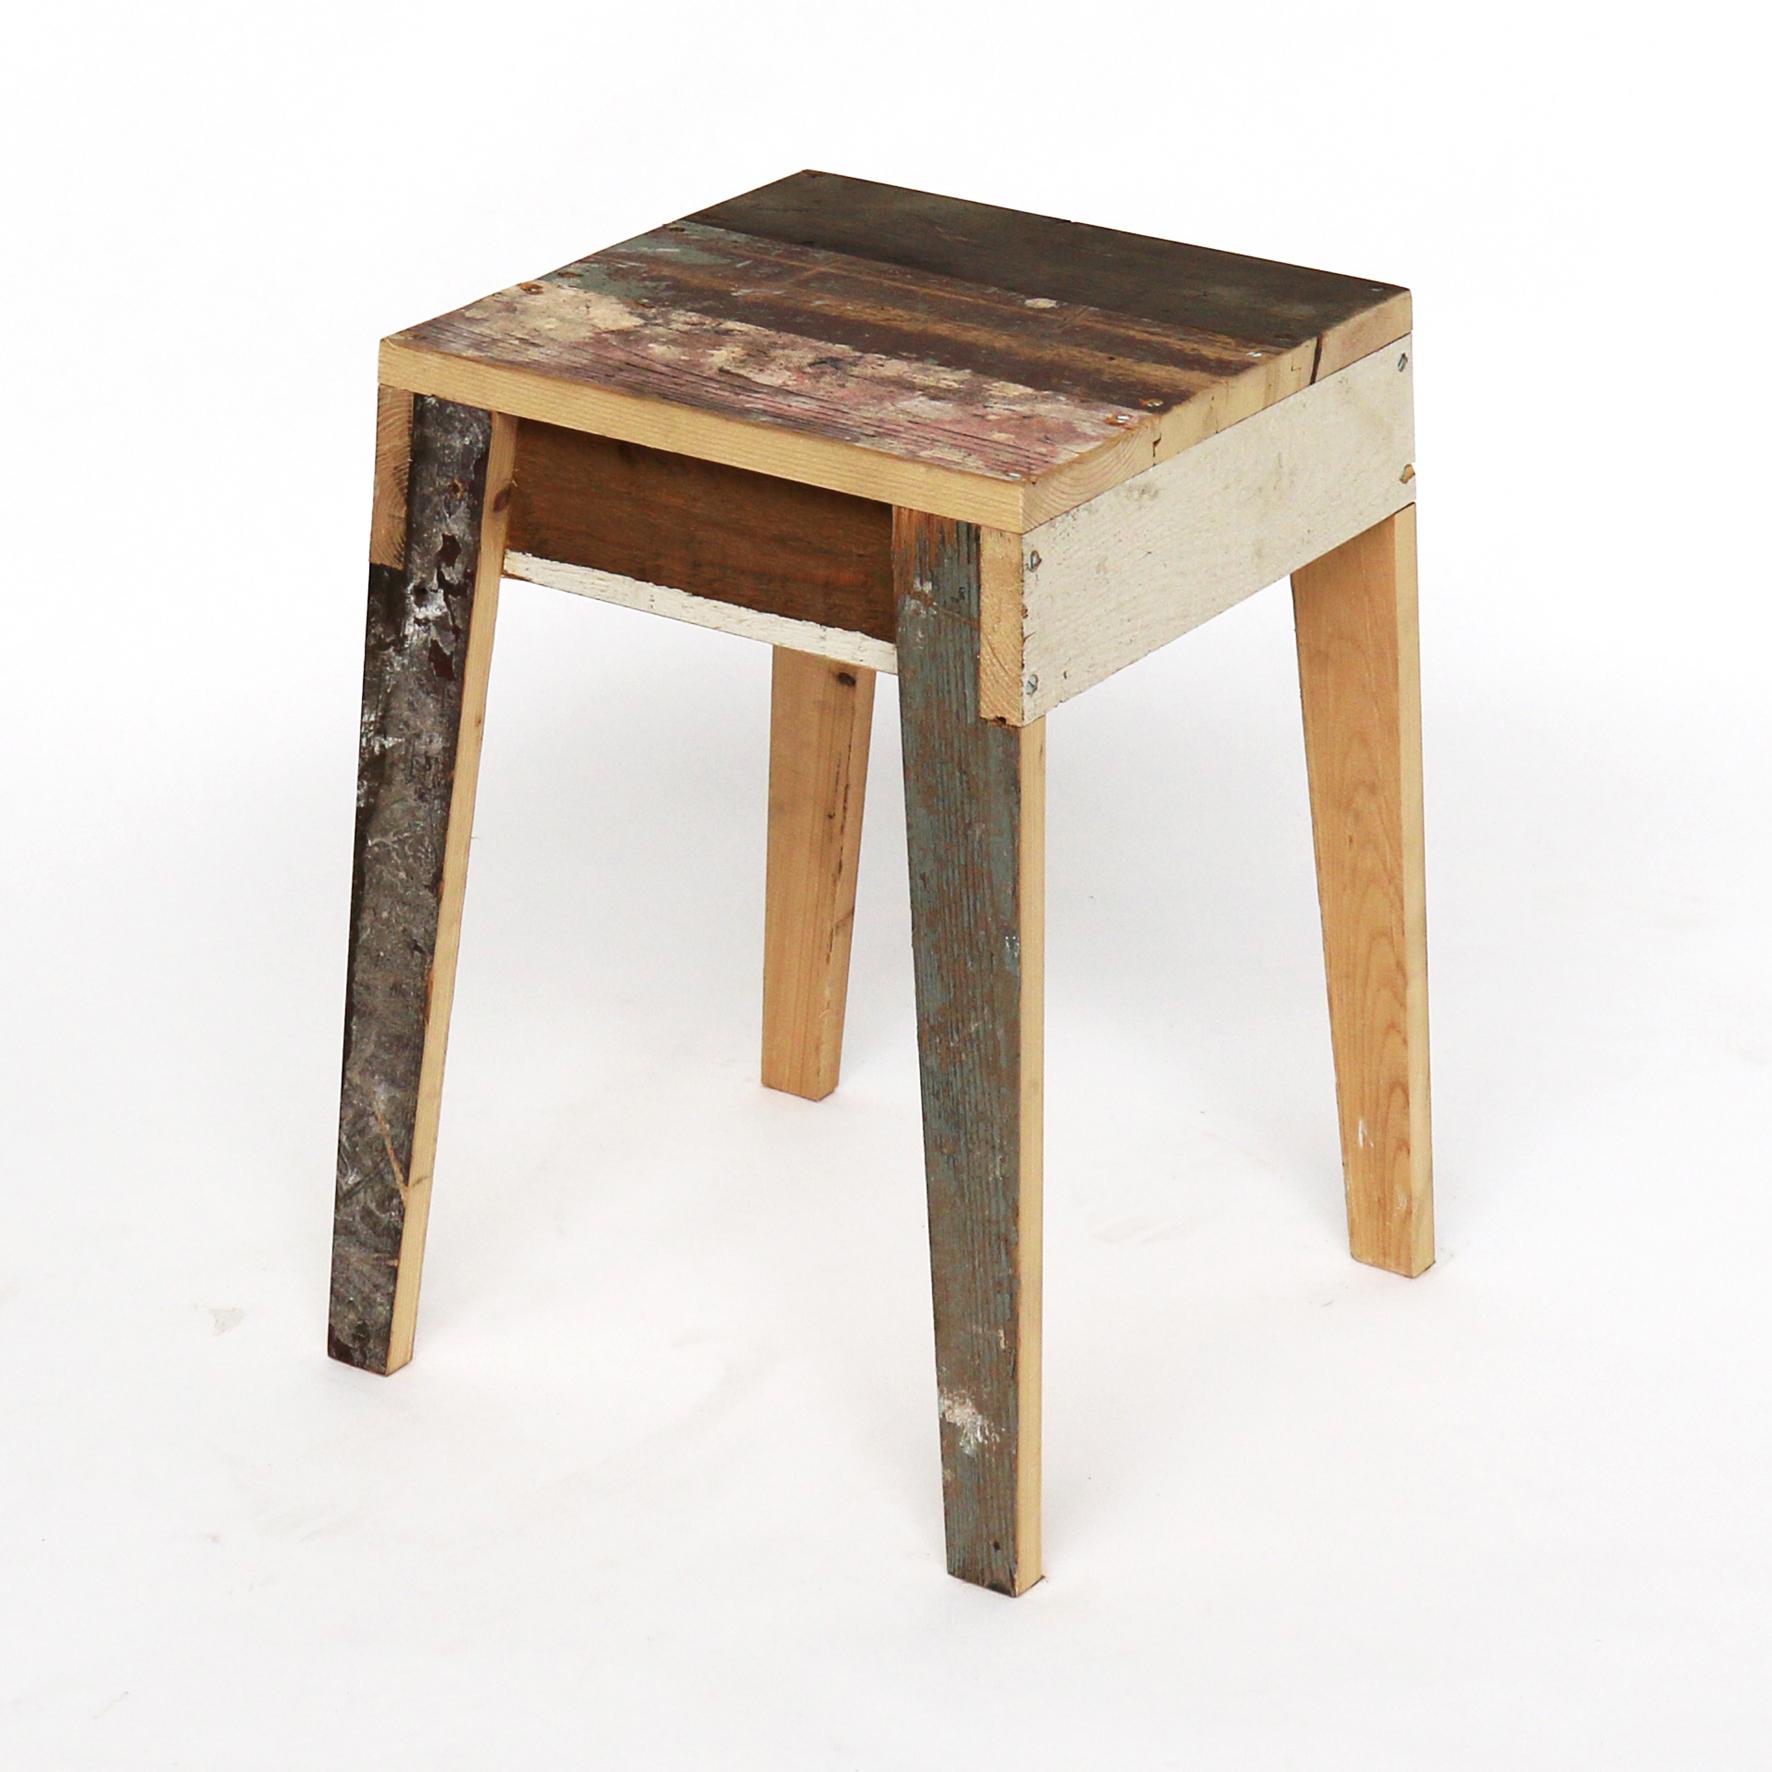 kruk-in-sloophout - stool scrapwood